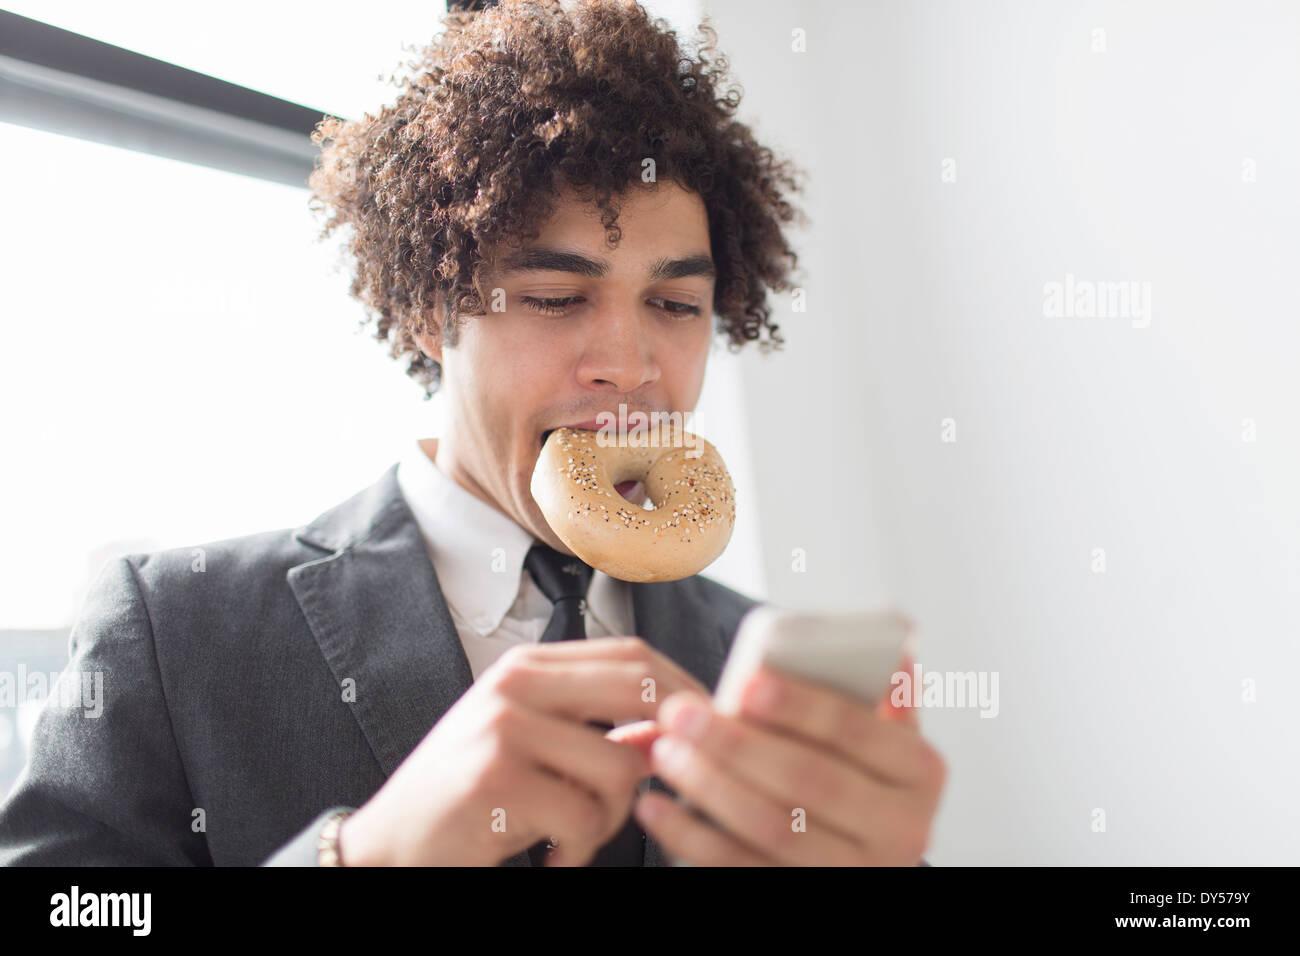 Jeune homme à l'aide de téléphone cellulaire avec bagel en bouche Banque D'Images